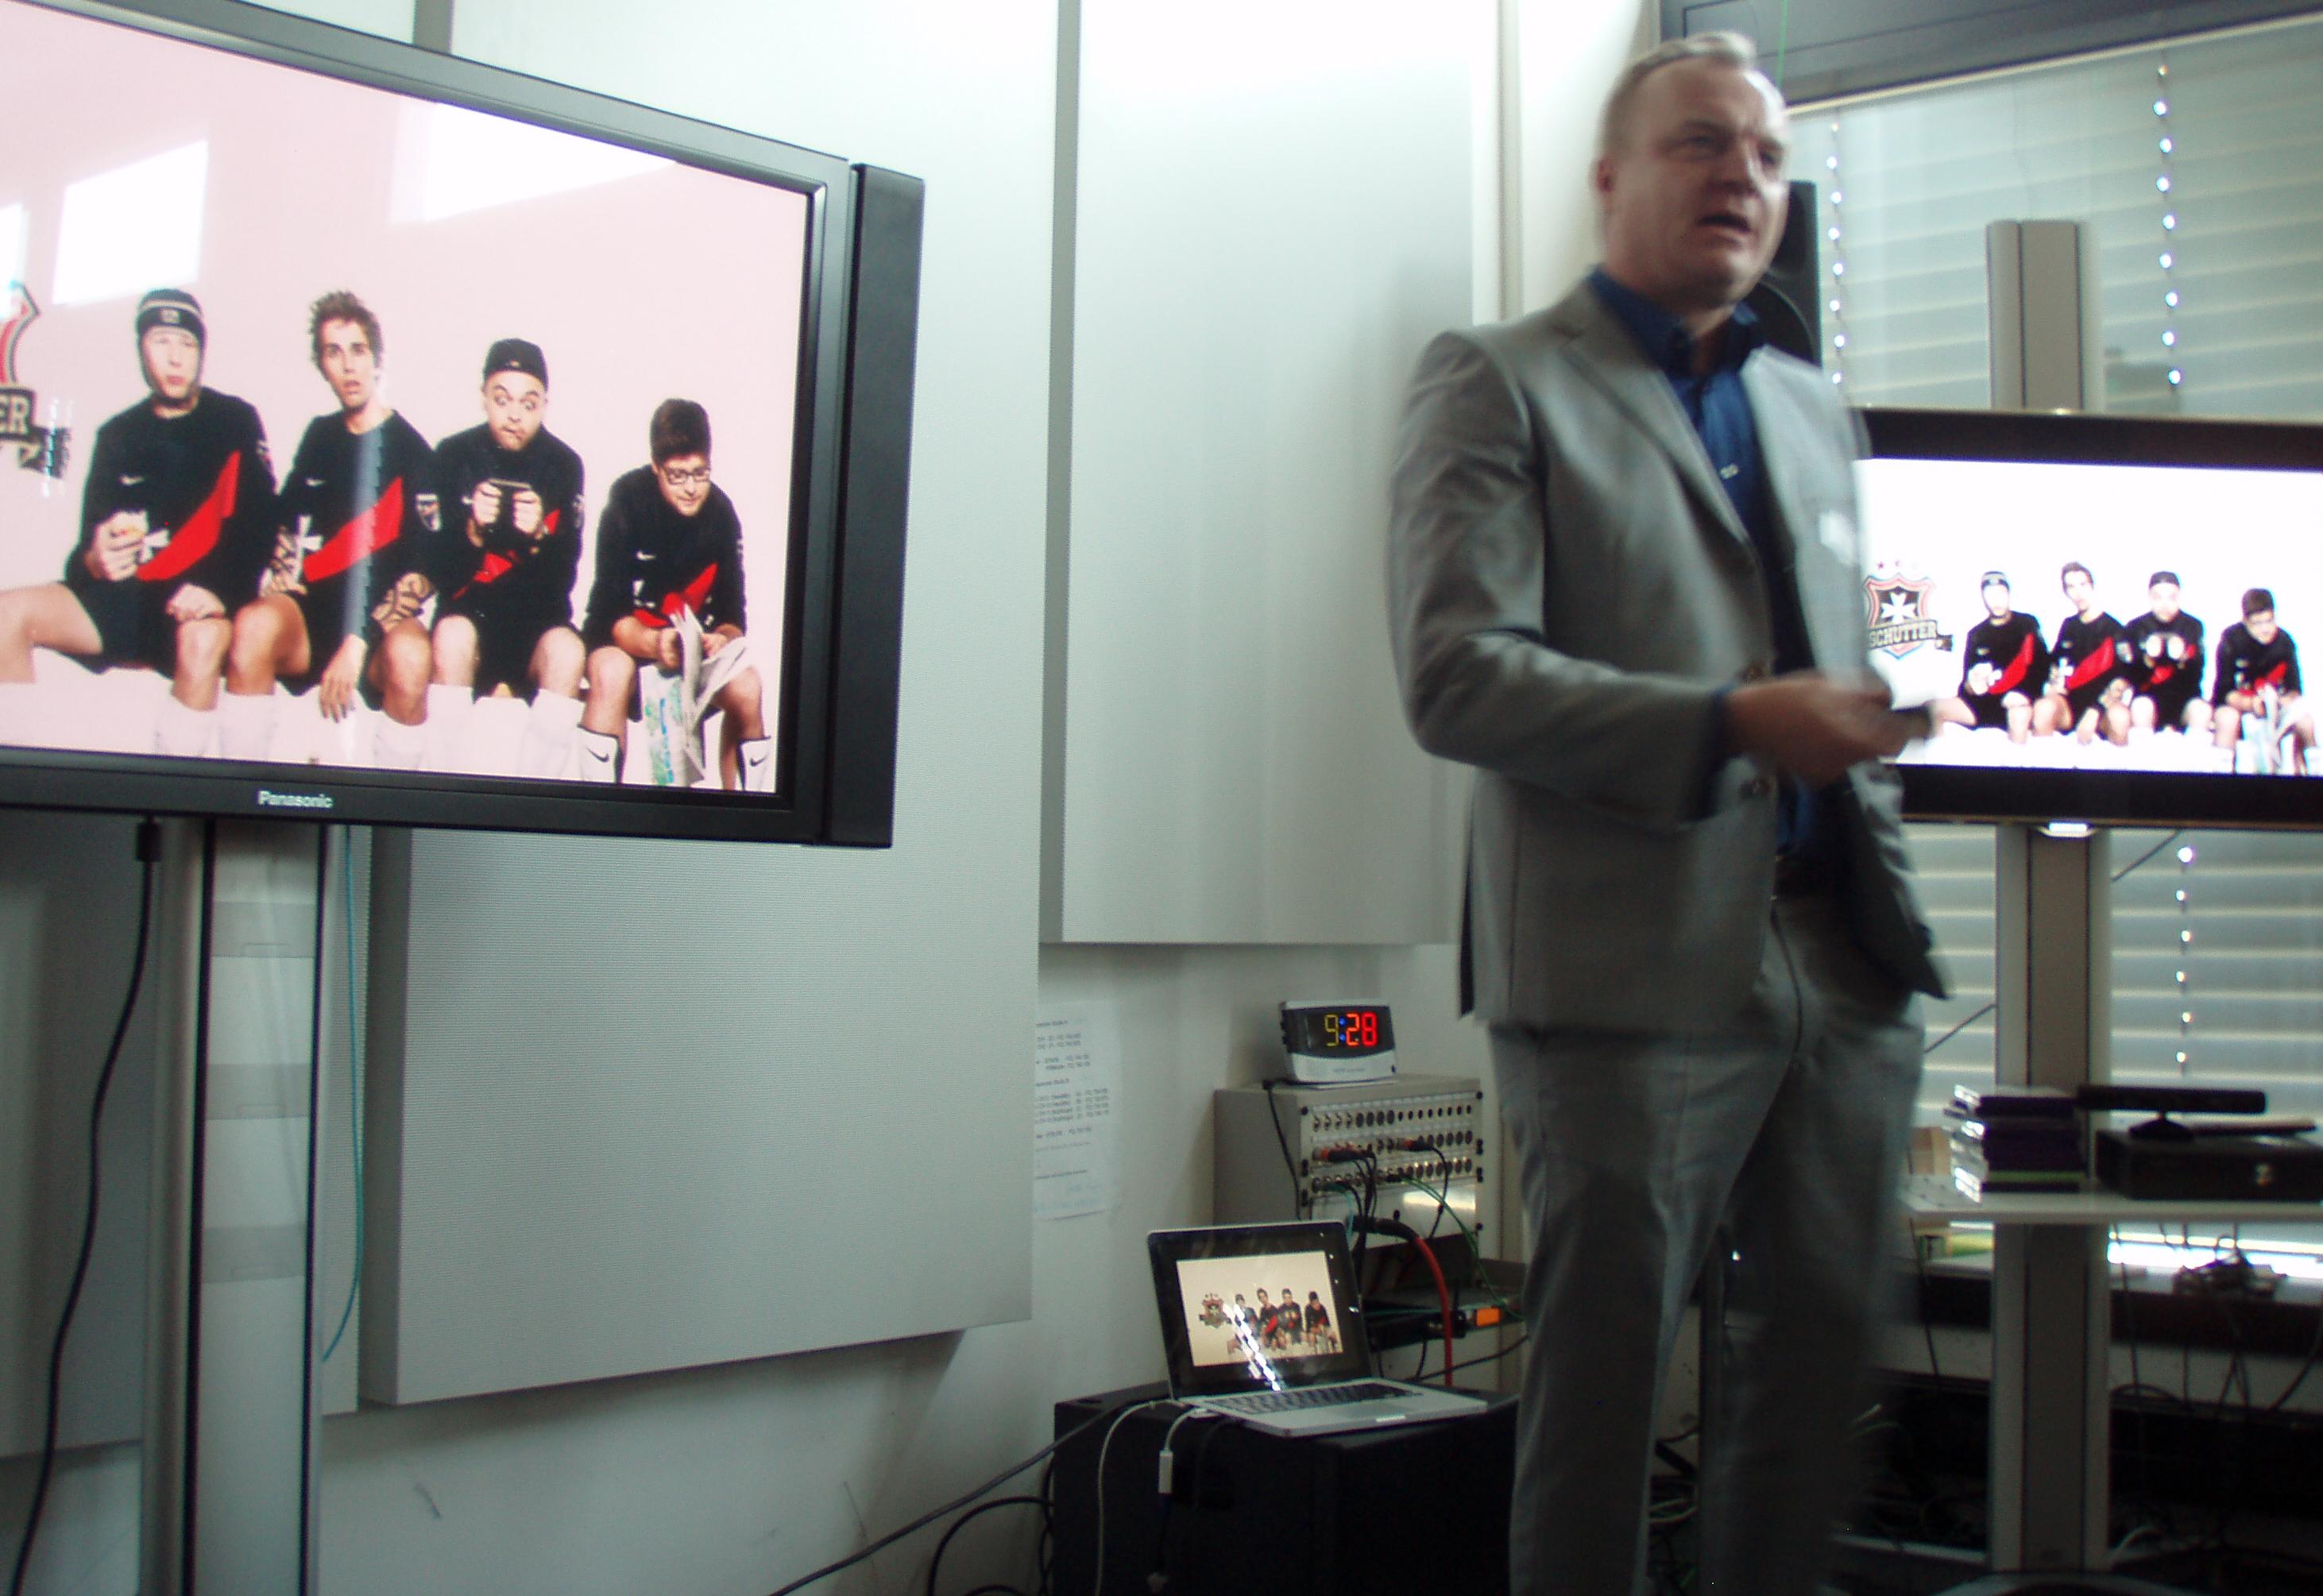 Hansi Voigt, Chefredaktor von 20 Minuten, präsentiert die Tschutter-Kampagne